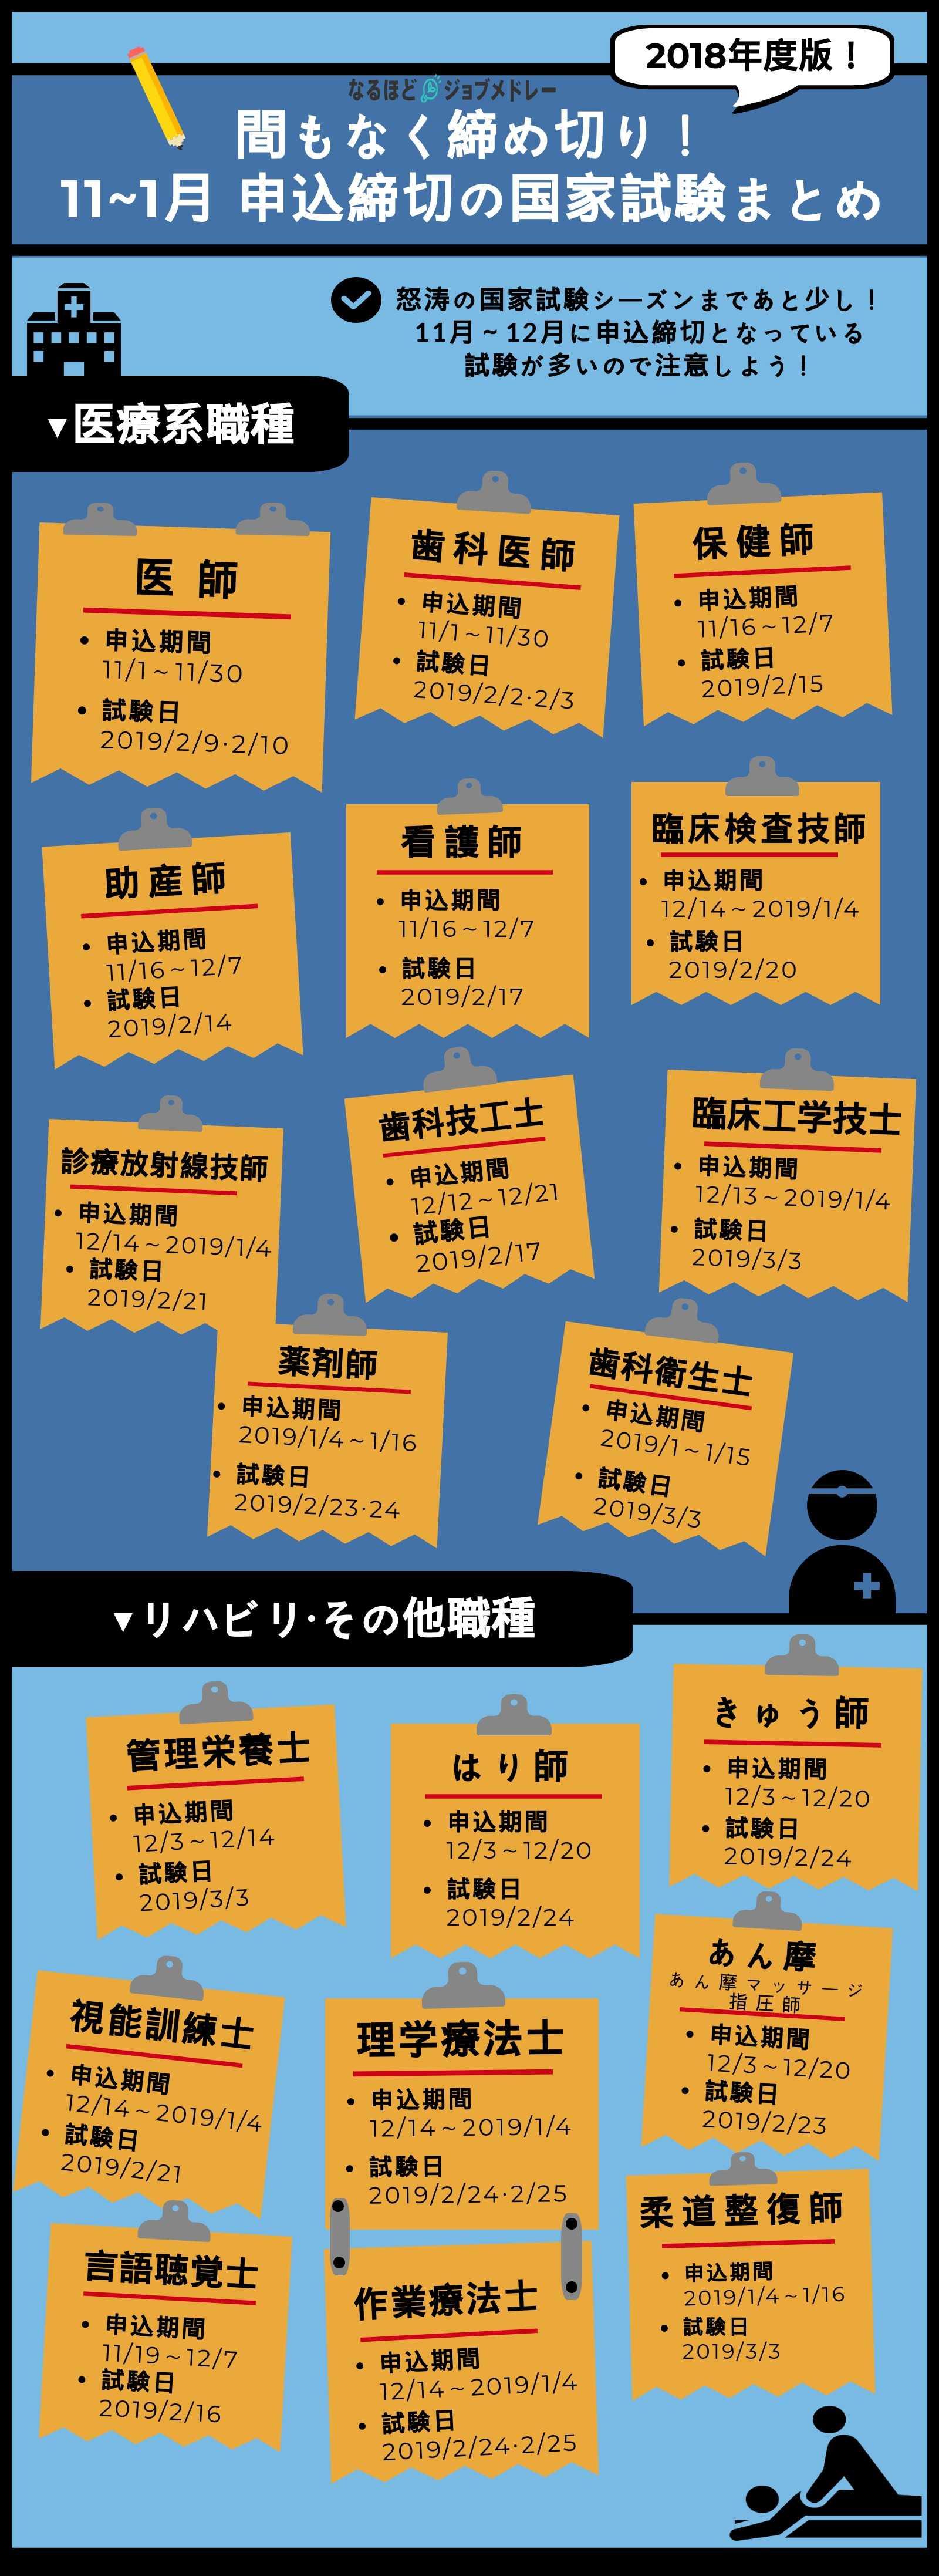 間もなく締め切り!11~1月申込締切の医療福祉系の国家試験まとめ!